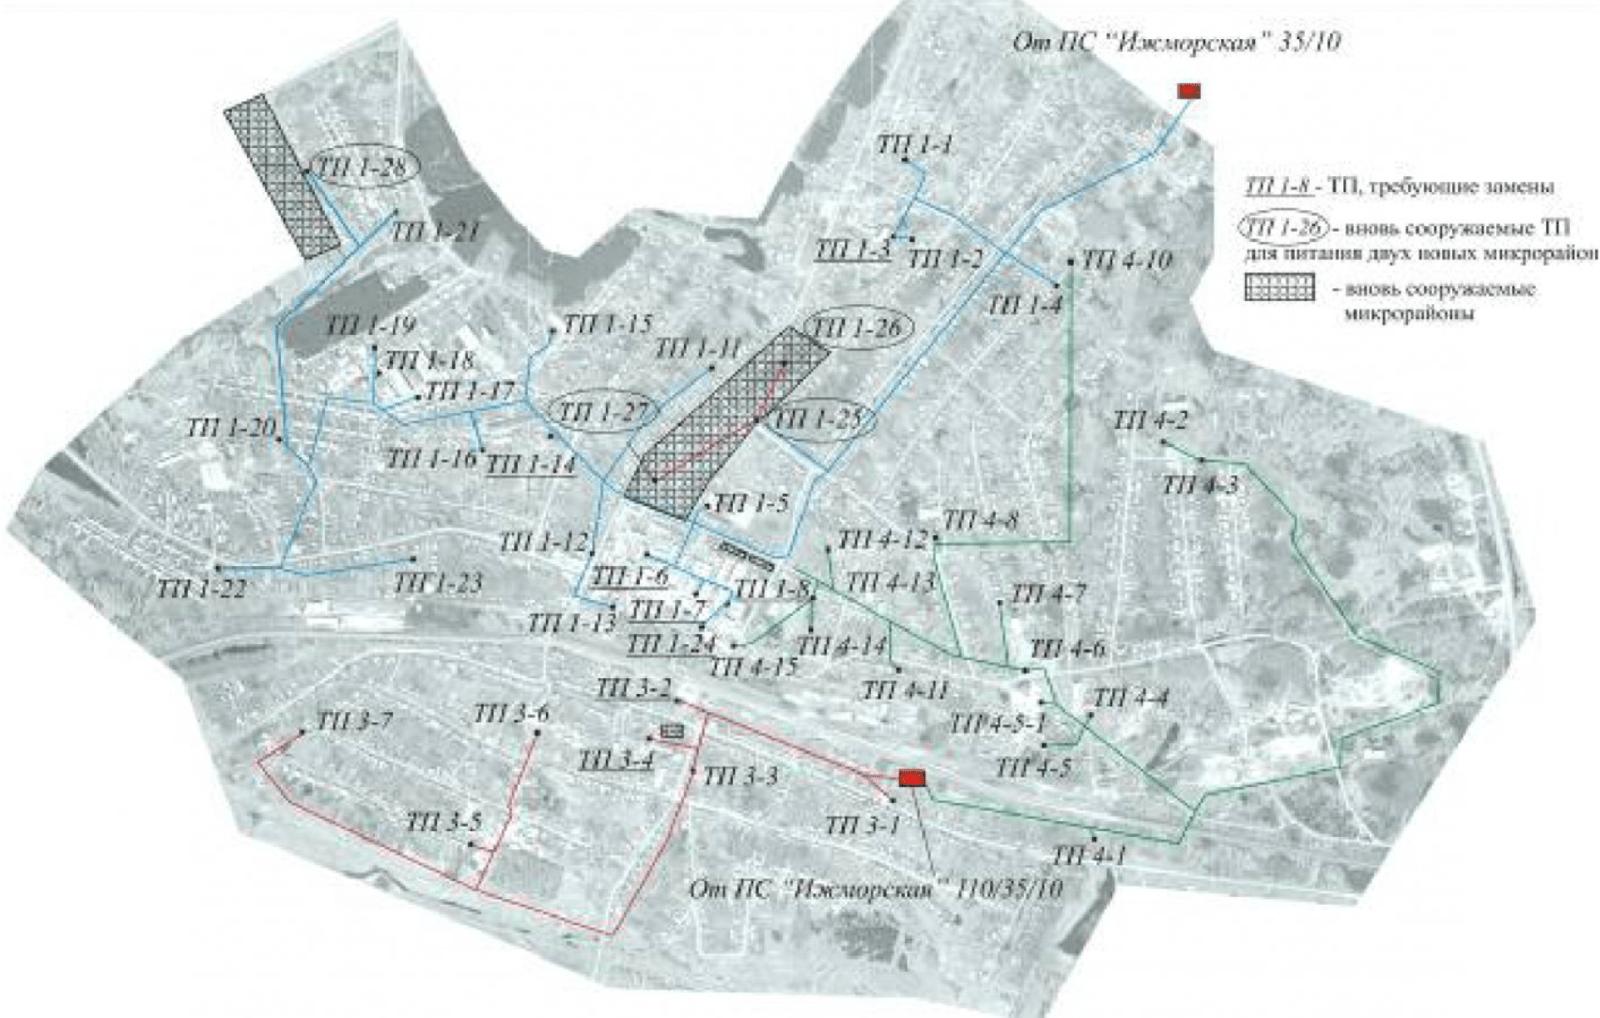 Рисунок 1 – План распределительной сети 10 кВ п.г.т. Ижморский